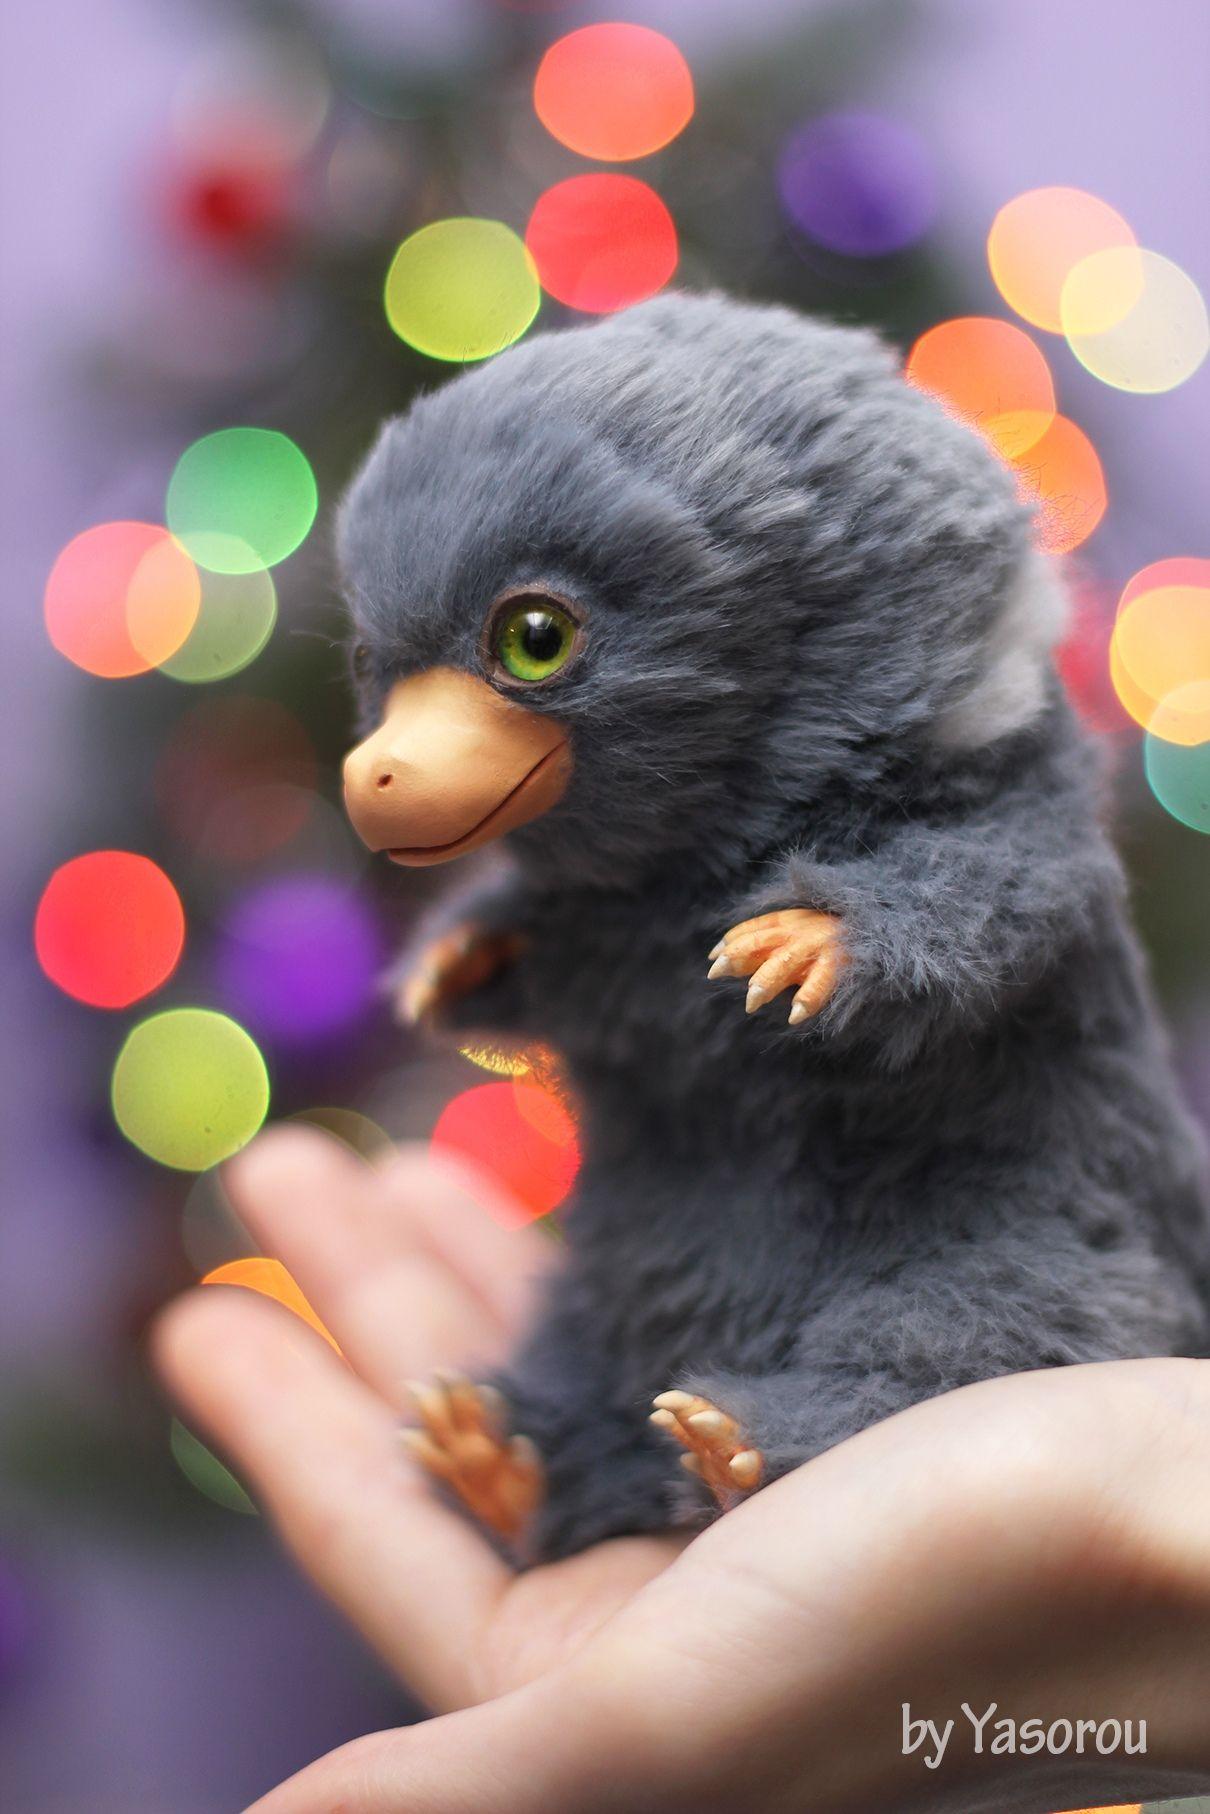 Hantastische Tierwesen Niffler Costume Niffler Real Life Niffler Figure Niffler Pansy Parkinson Niffler Pansy Park Phantastische Tierwesen Tiere Tierwesen